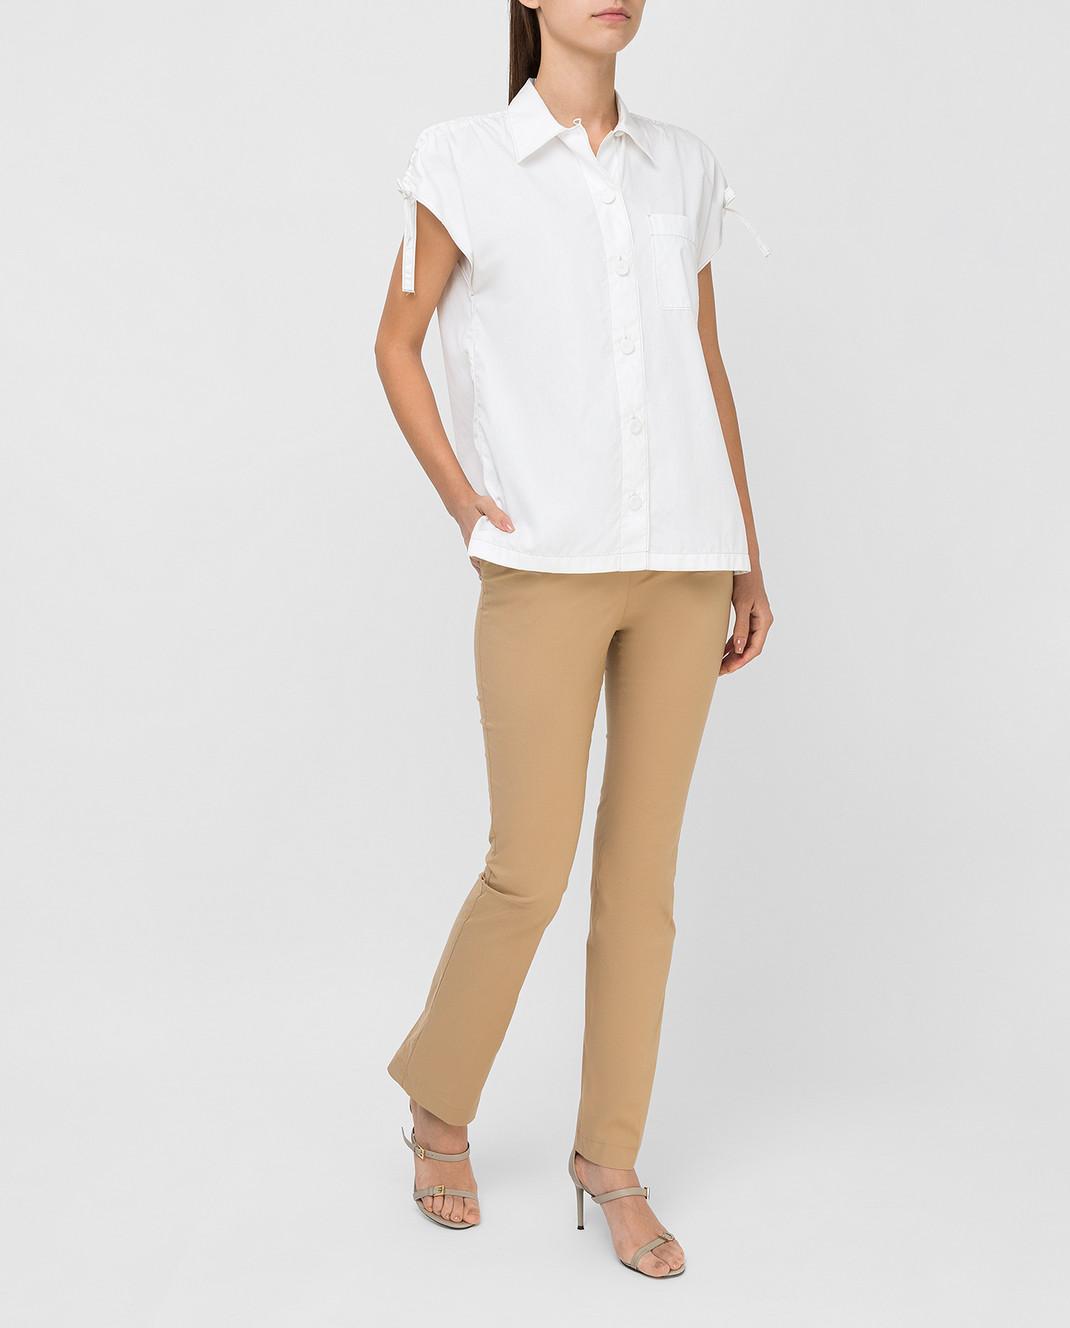 Prada Белая рубашка P469A изображение 2